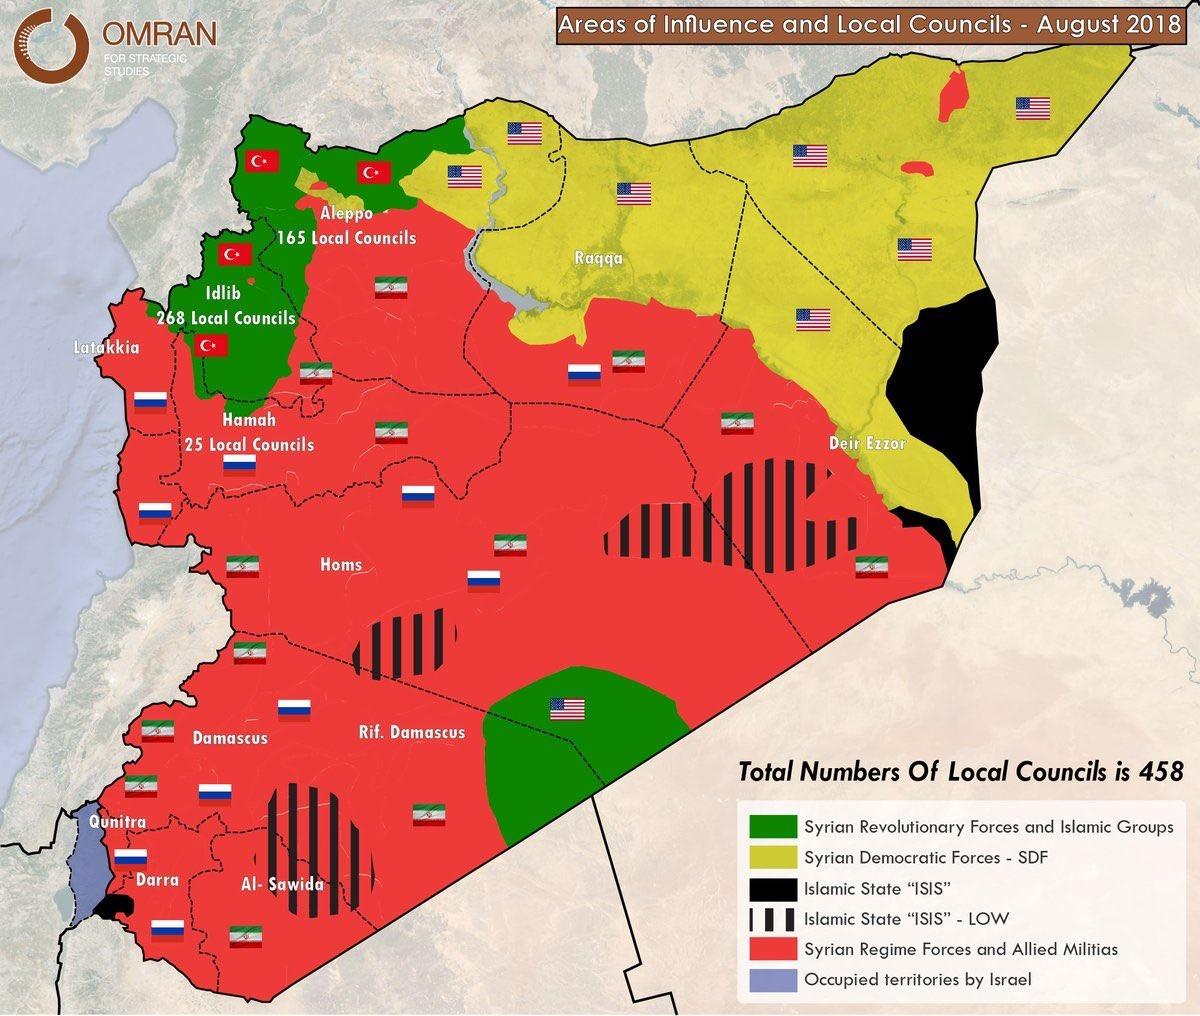 Skandal: UN-Bericht bestätigt ISIS hat freie Hand in US-besetztem Gebiet in Syrien